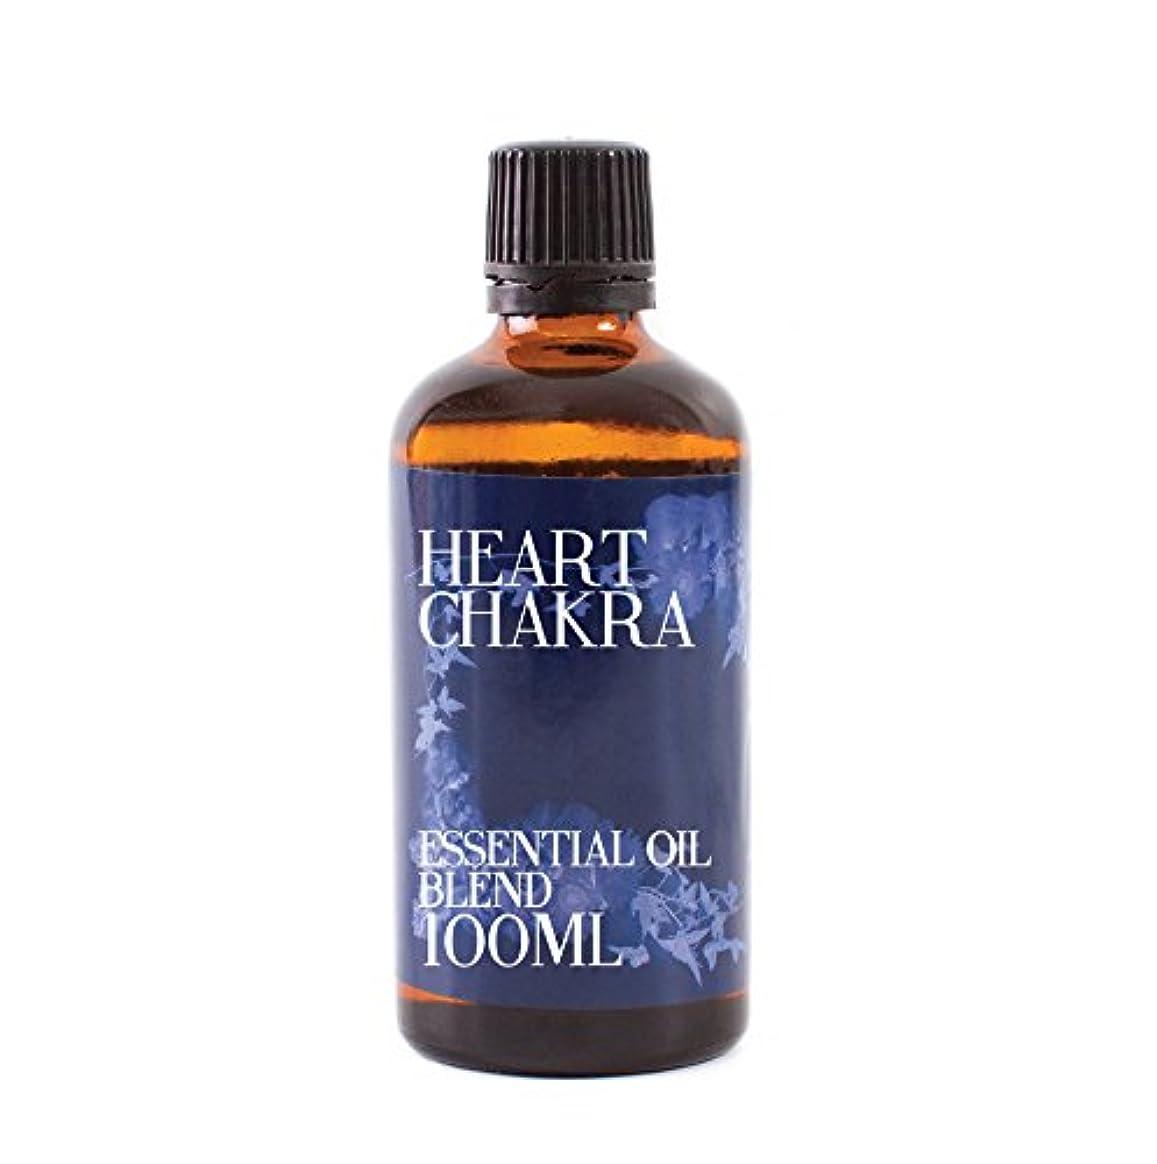 注釈を付ける馬鹿残酷なMystic Moments | Heart Chakra | Essential Oil Blend - 100ml